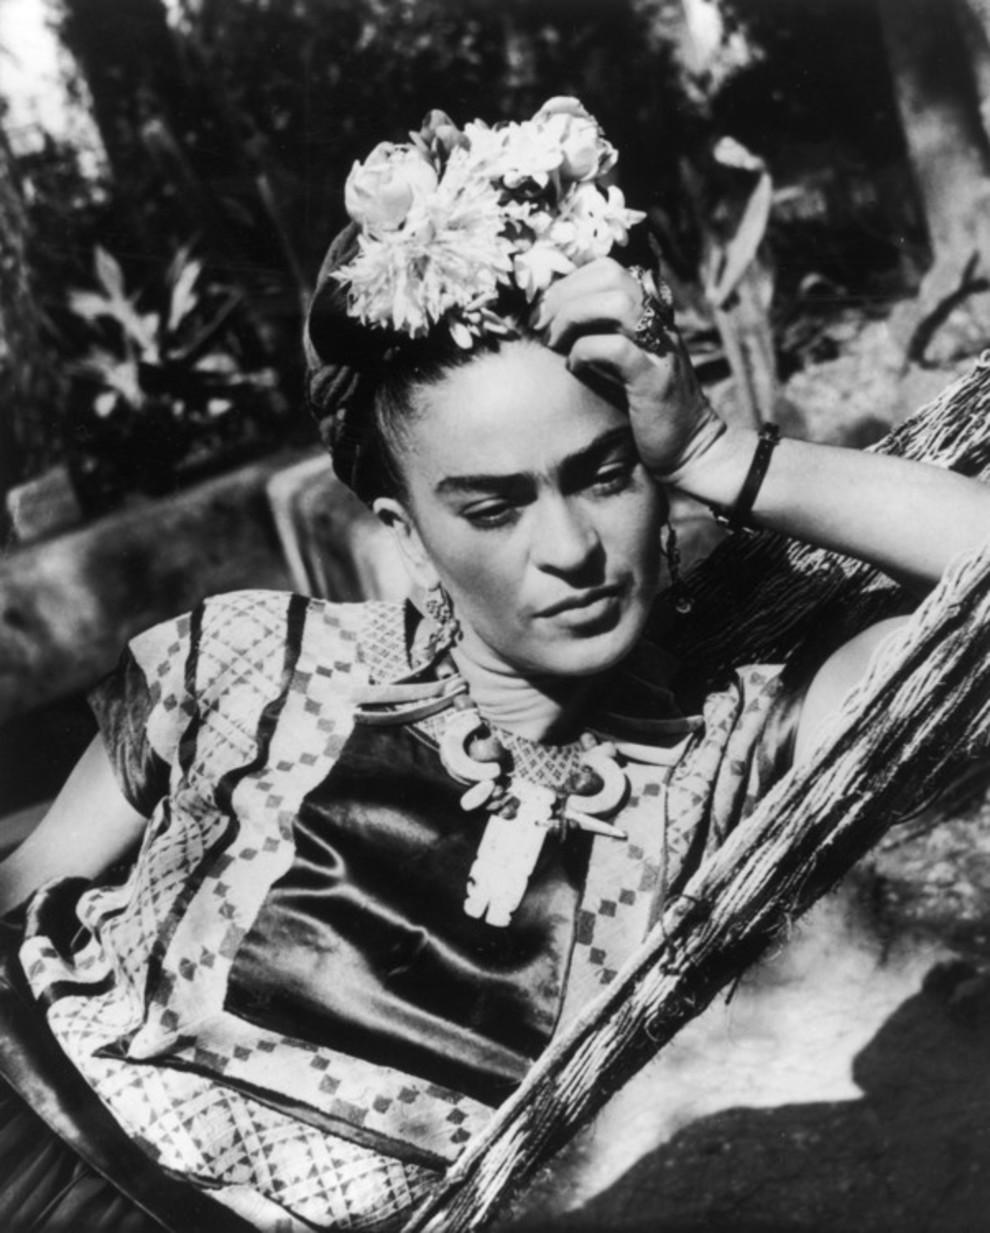 «Дерево надежды, стой прямо!» Фрида Кало, жизнь как преодоление